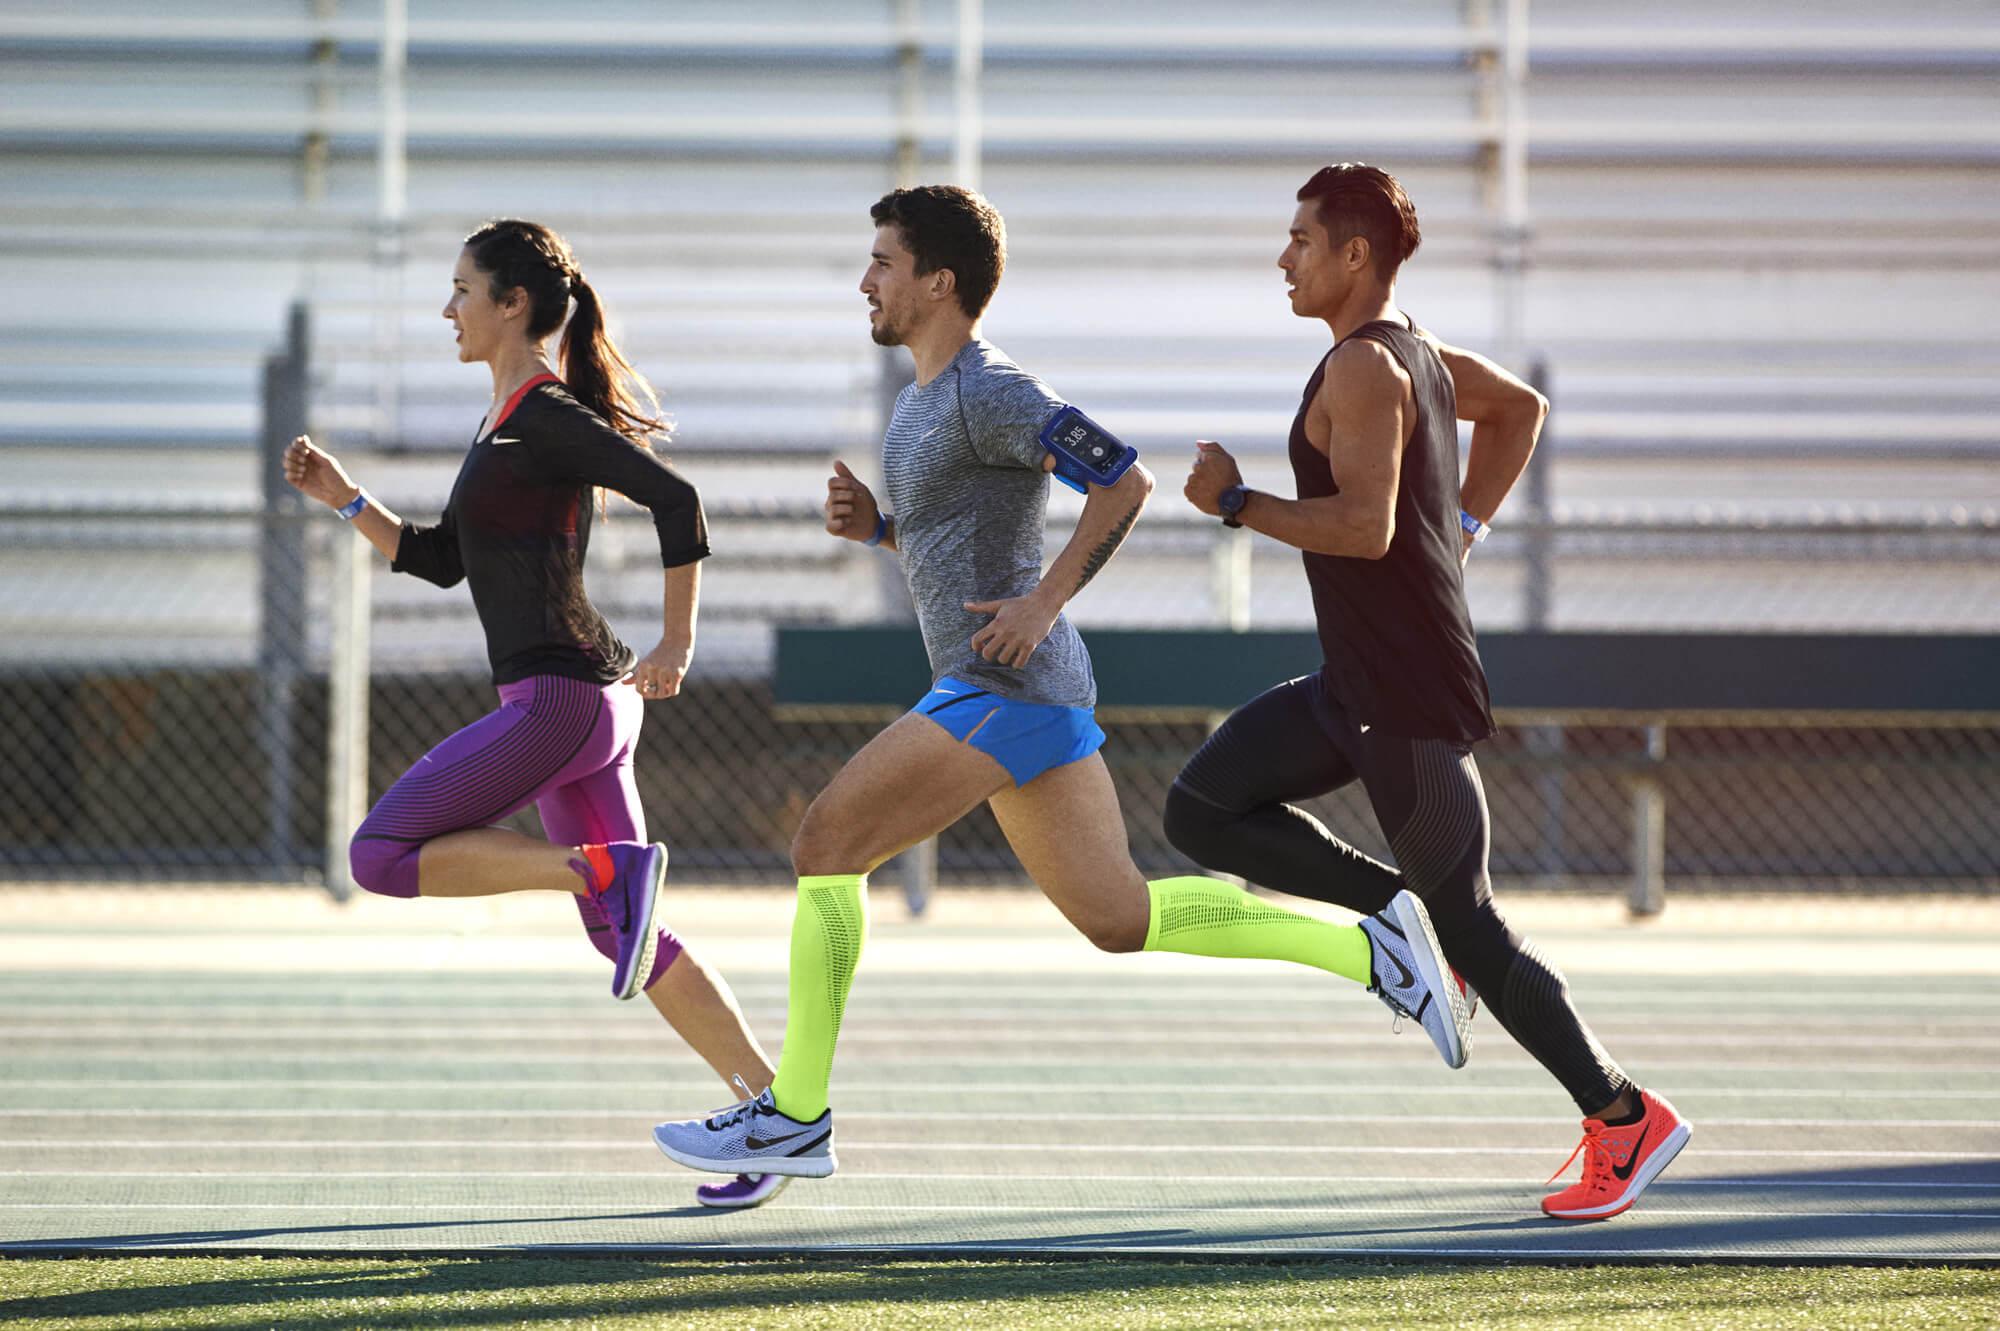 бег для энергии